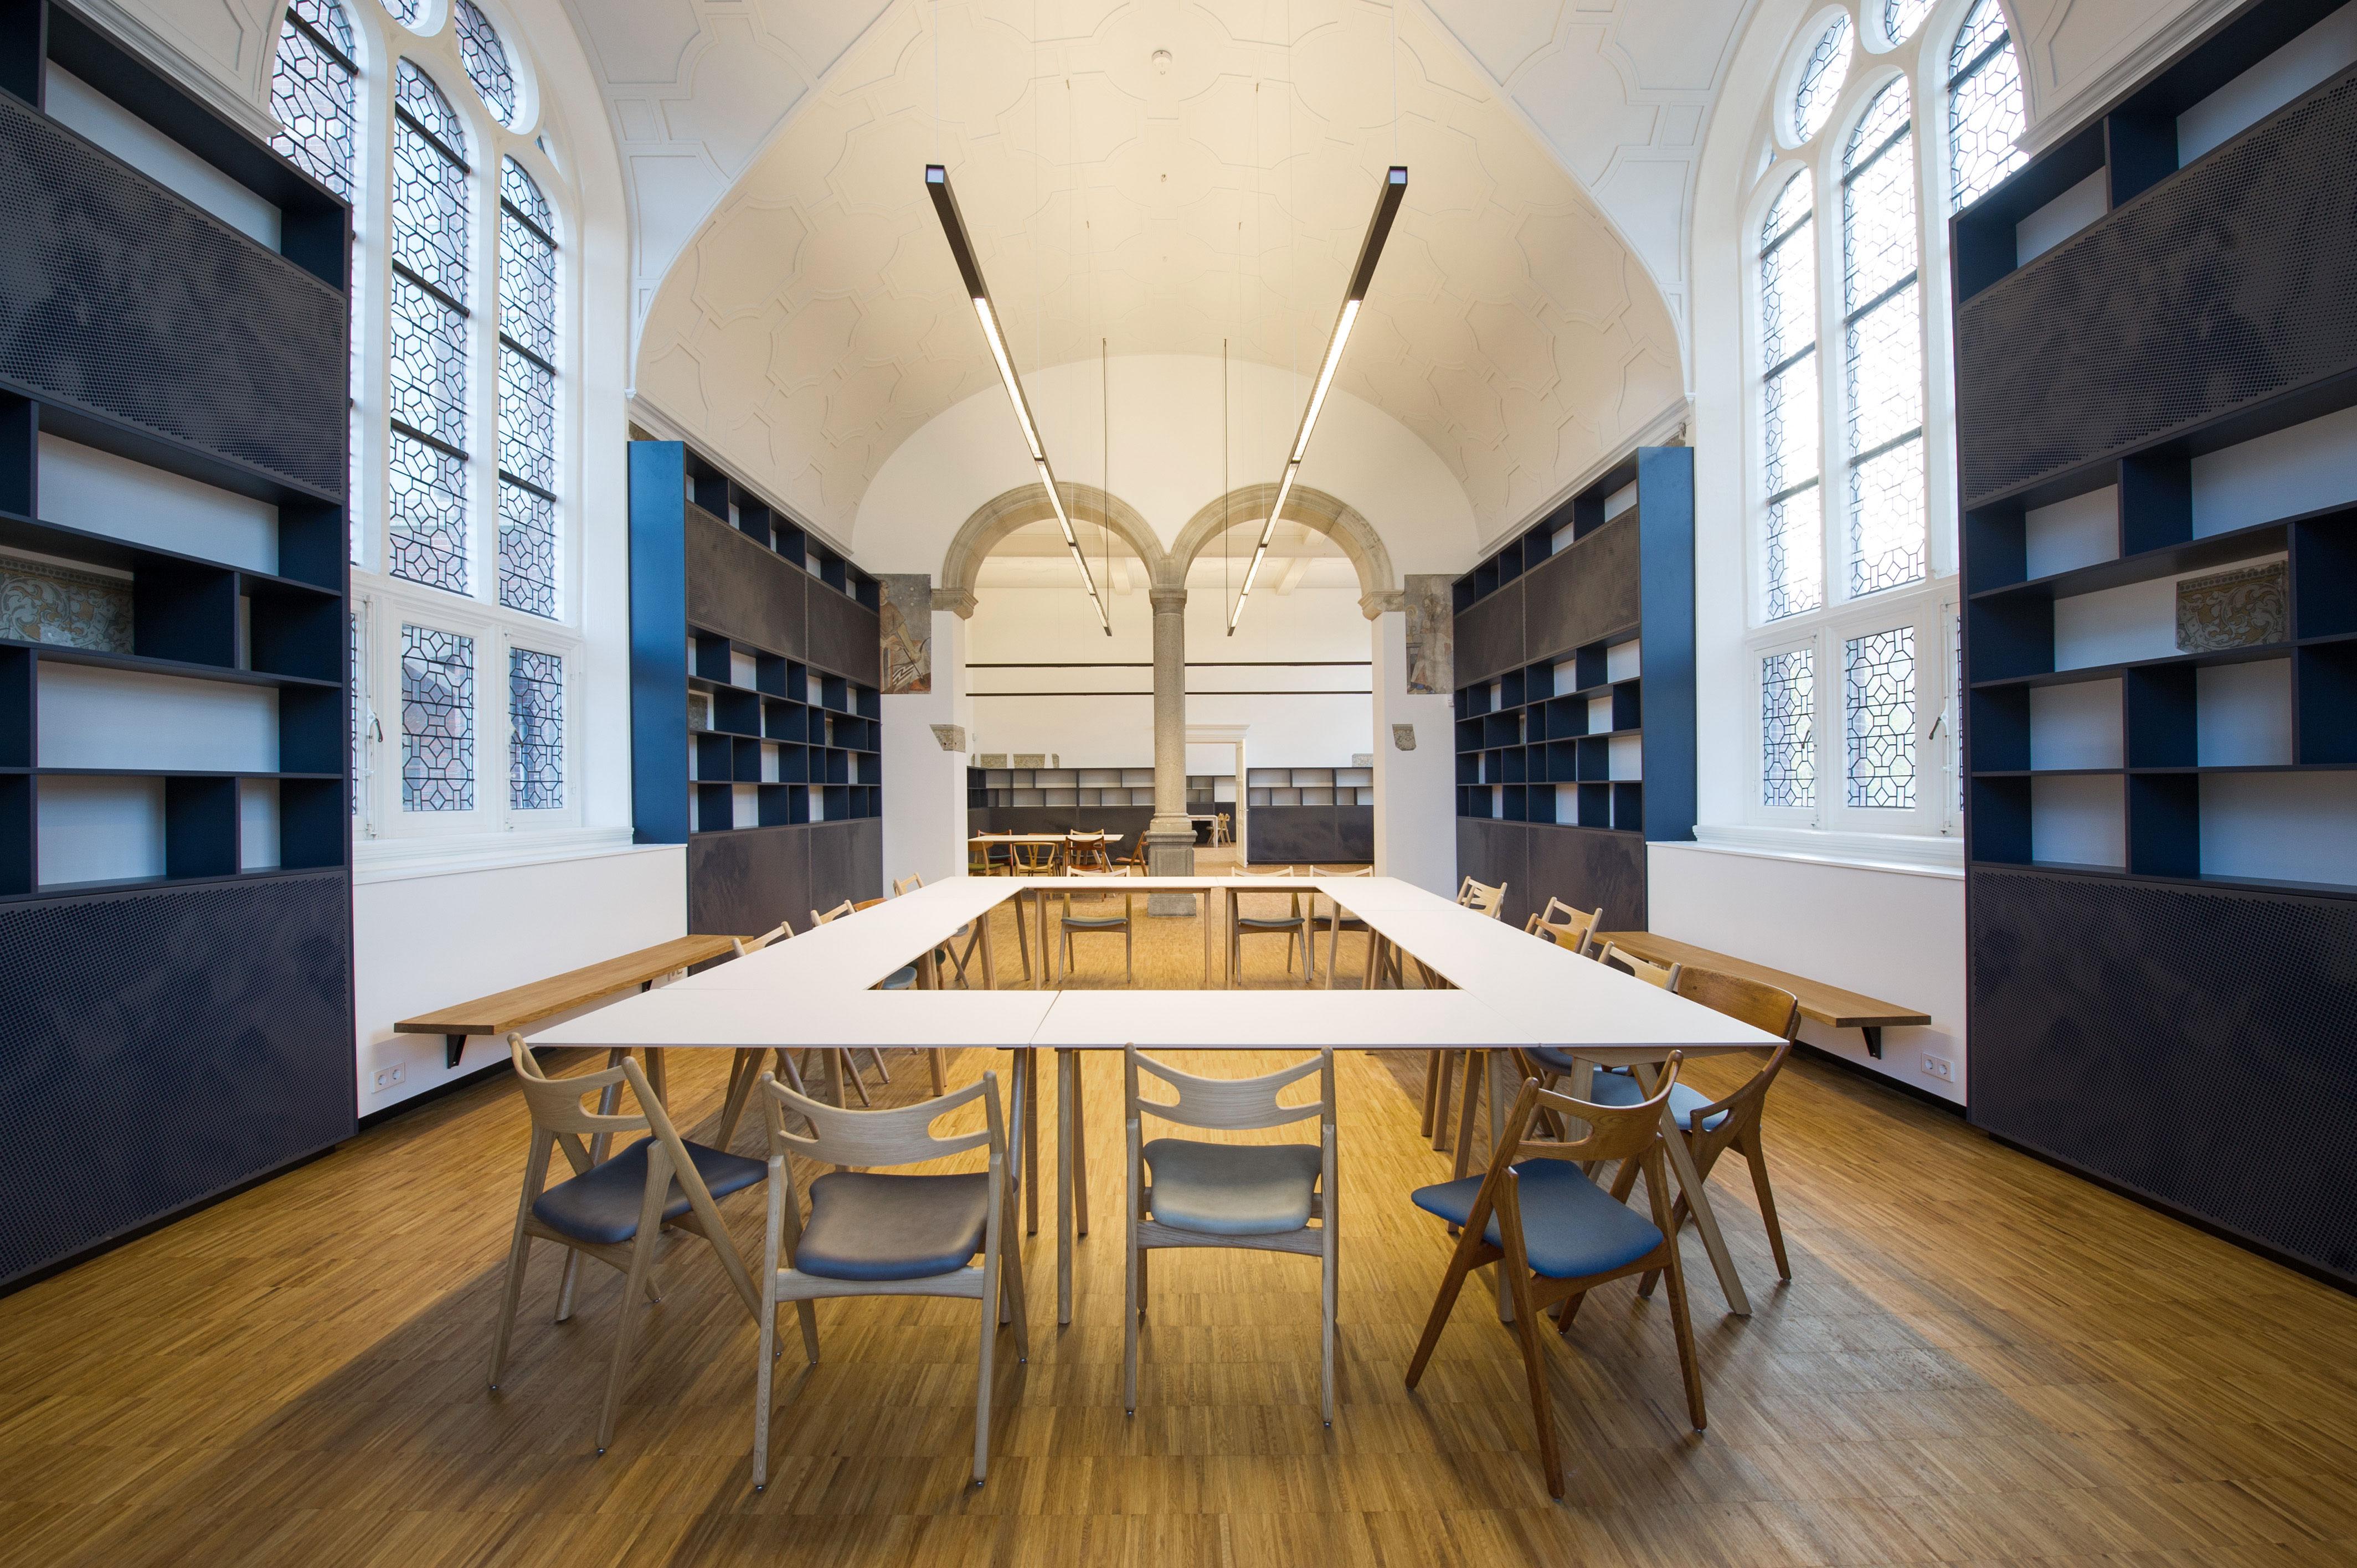 interieur leeszaal de oude bibliotheek, KREUK architectuur, architect Marjolein Kreuk Delft i.s.m. BK. en Stephanie Gieles